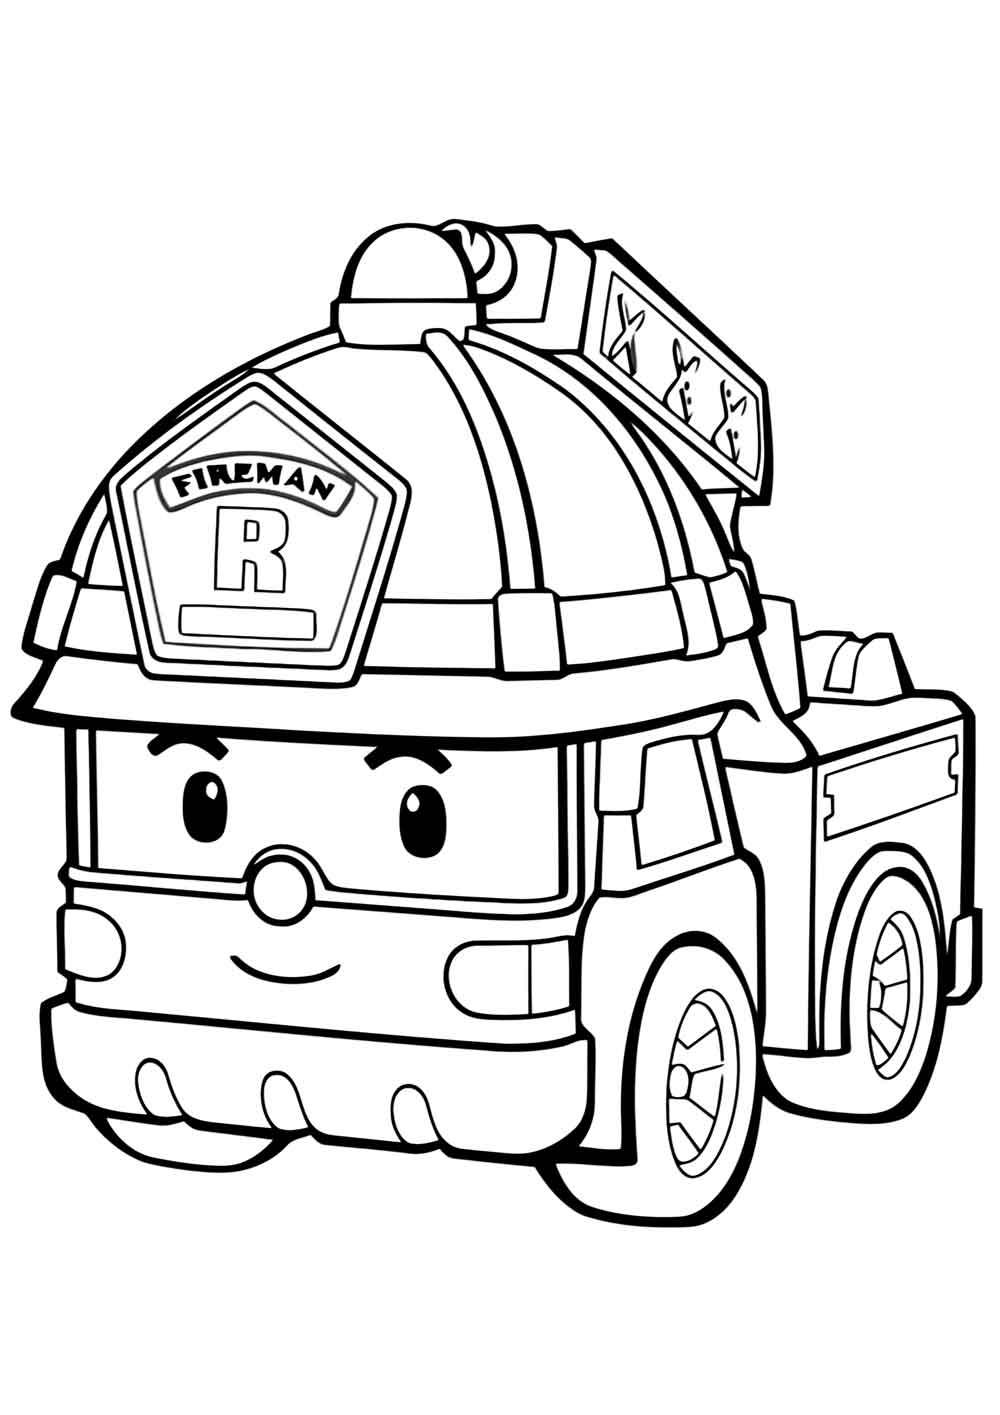 ระบายสีรถยนต์ การ์ตูนน่ารักรถดับเพลิง